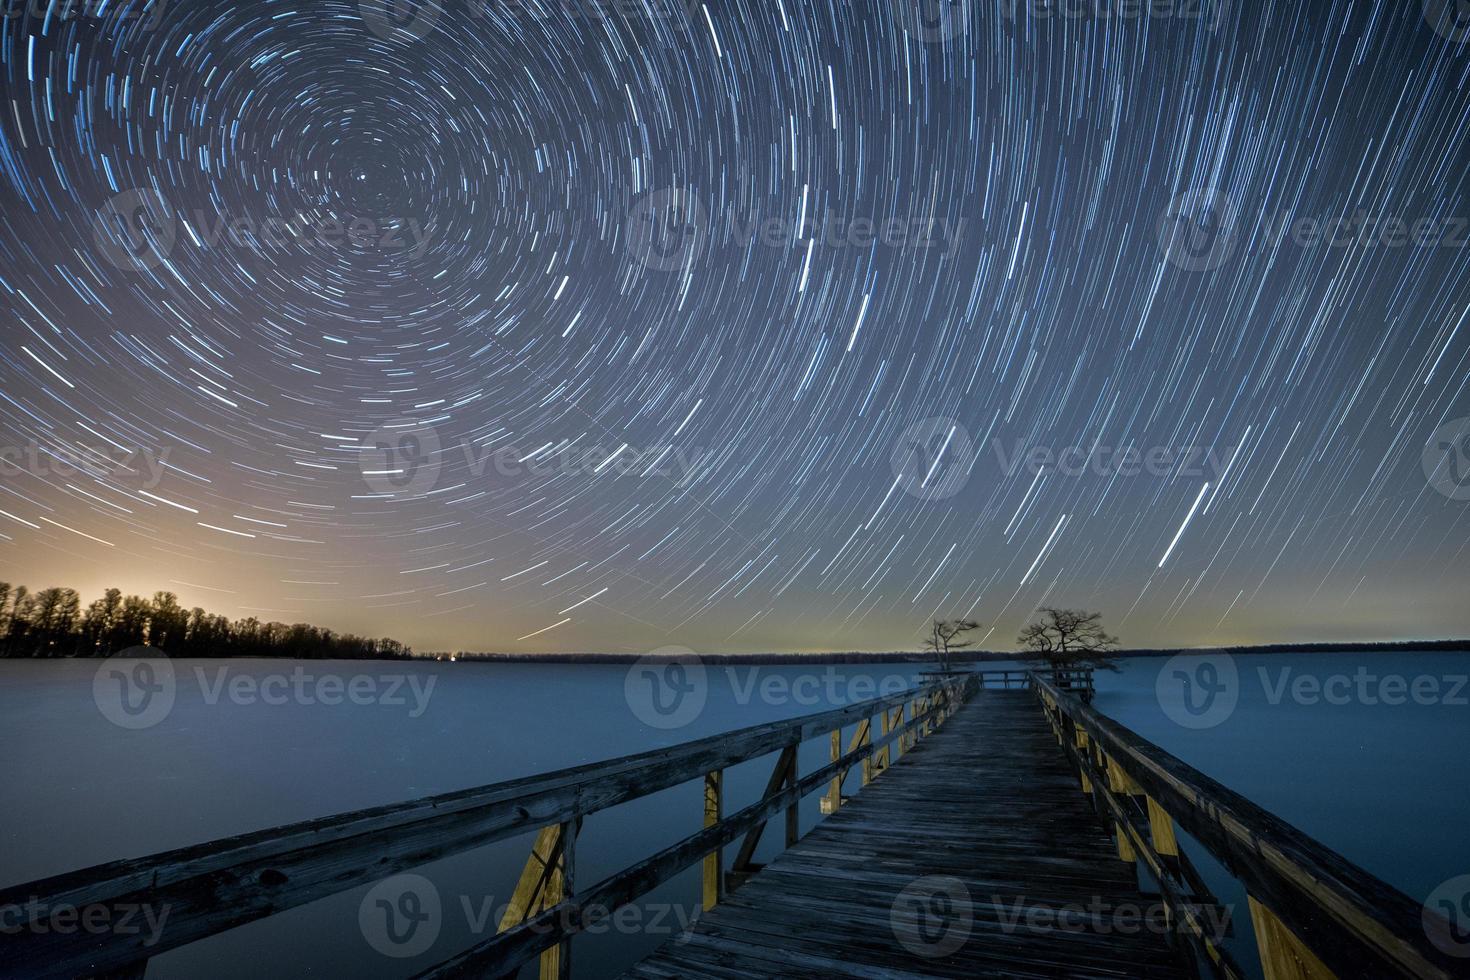 stjärnor som cirklar över reelfoot sjön, Tennessee foto